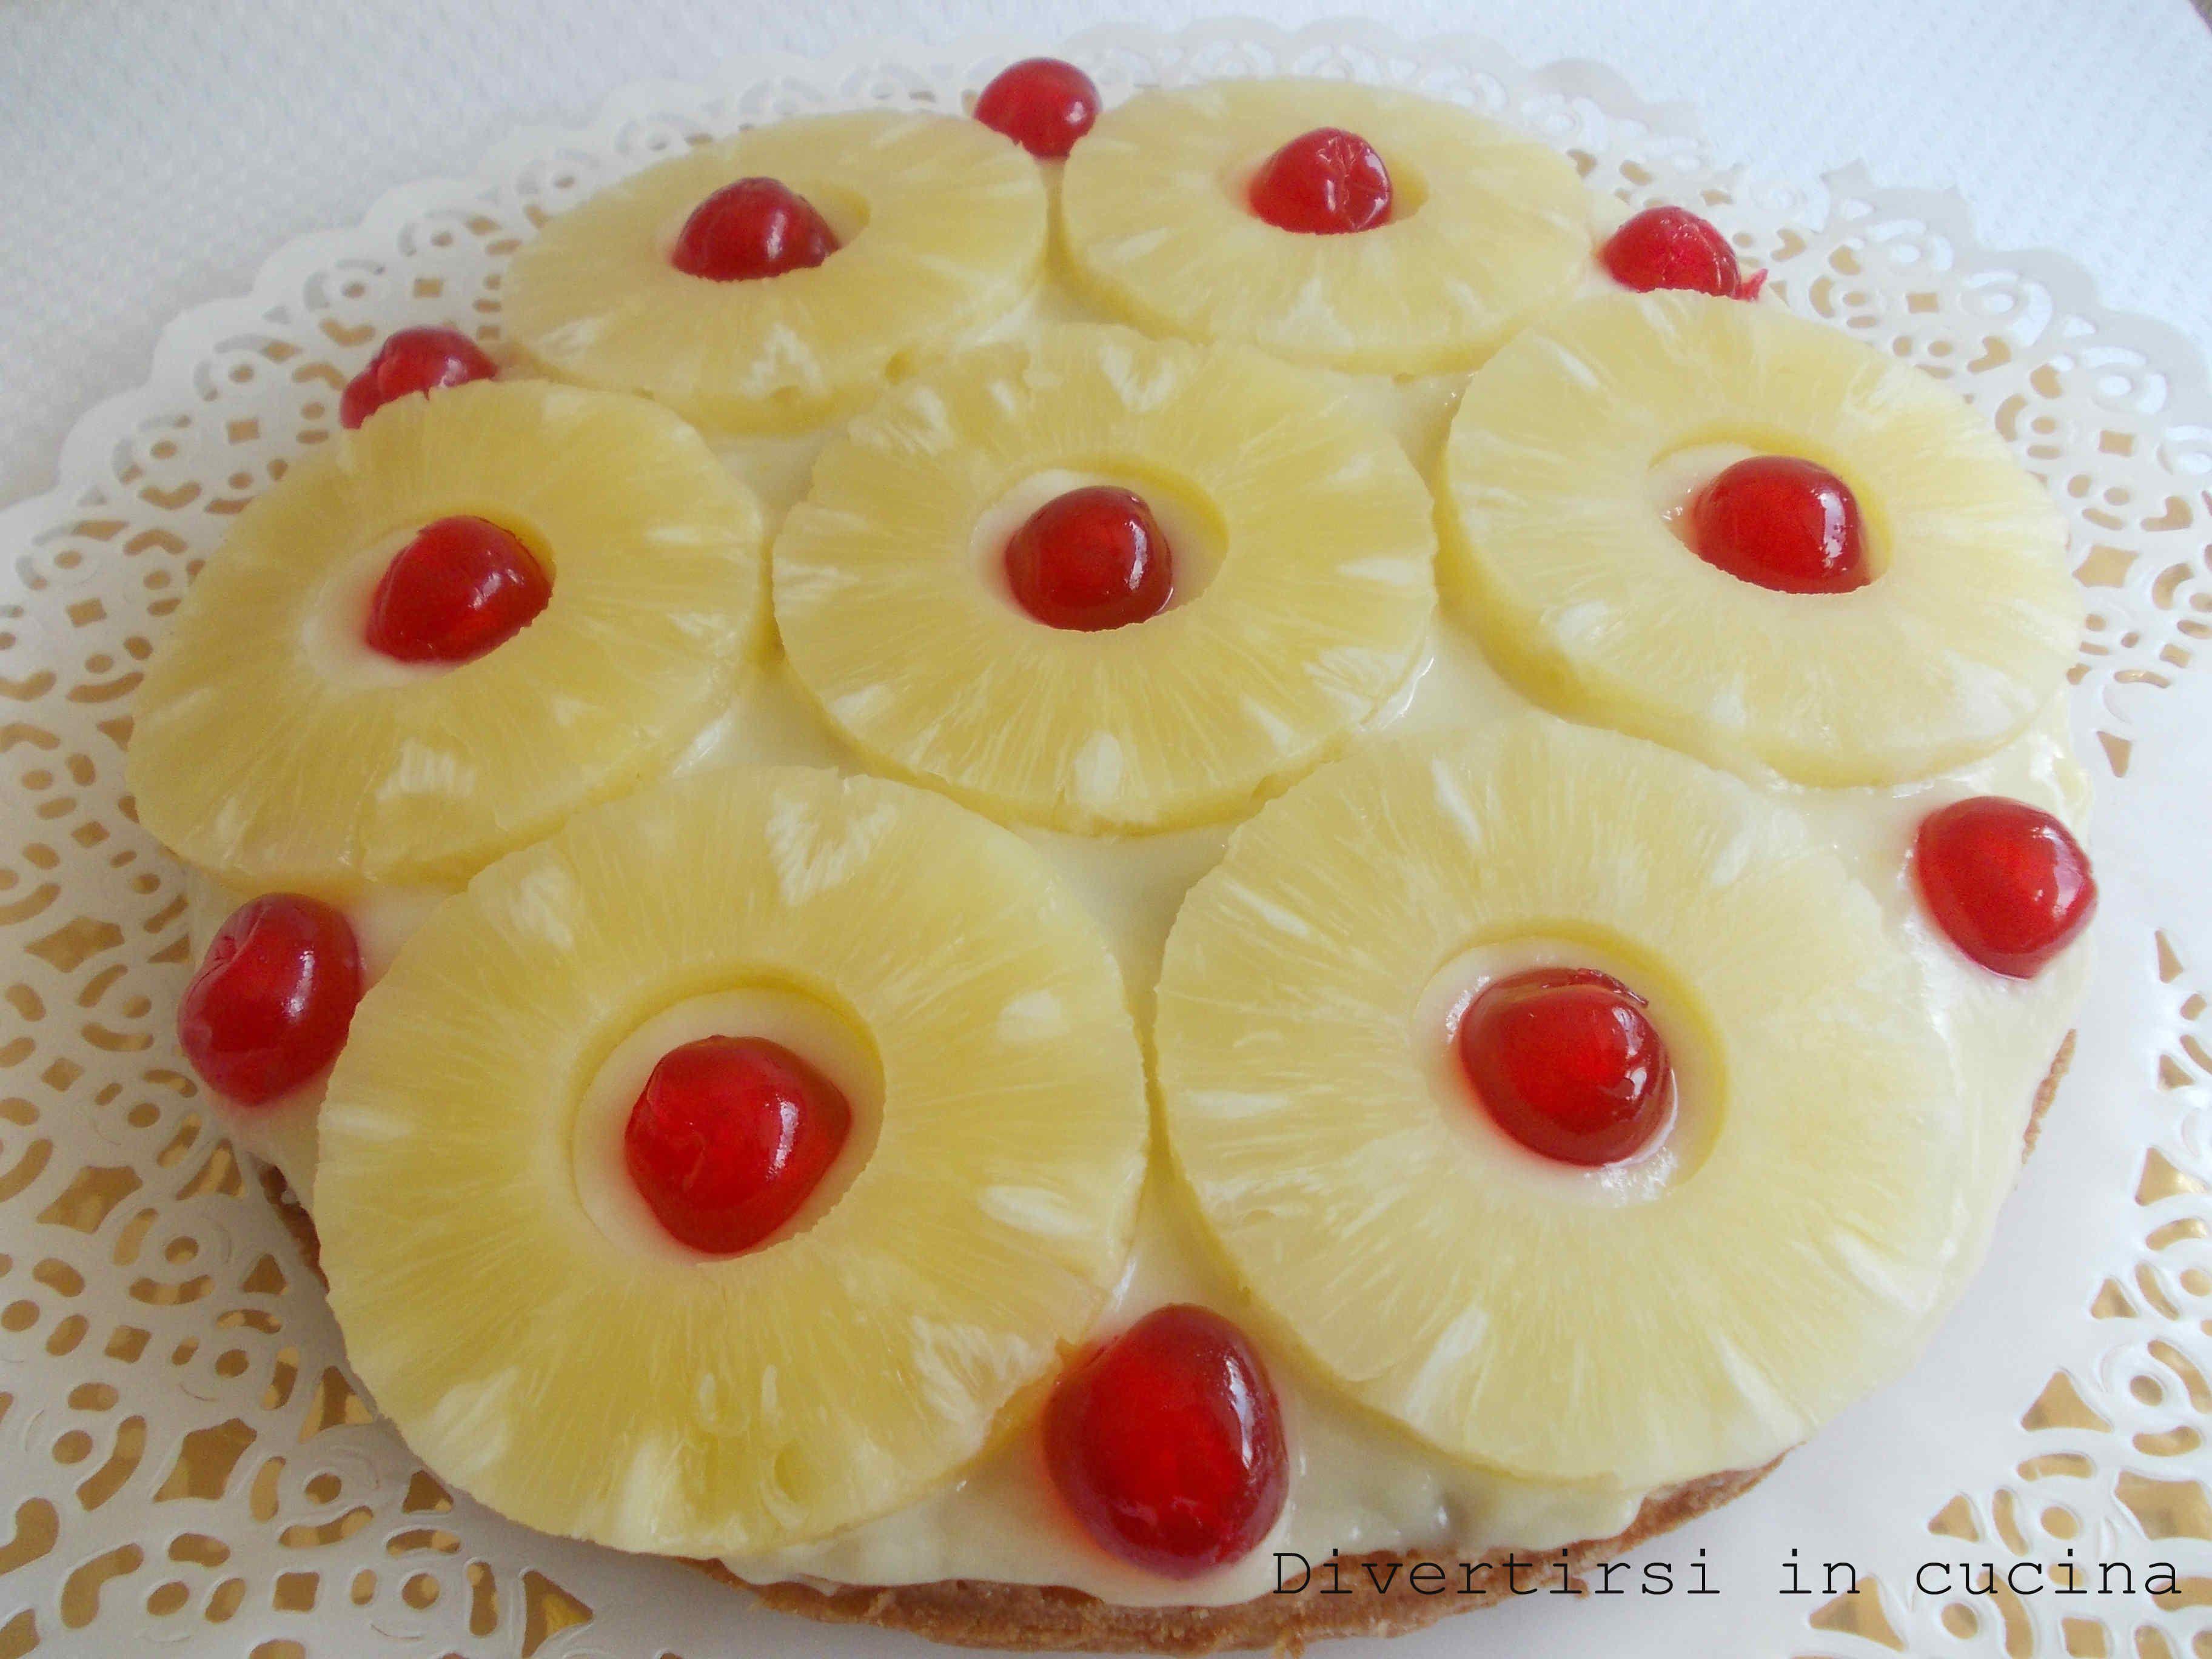 Torta Morbida Allananas Ricette Golose Pinterest Cooking E Chili